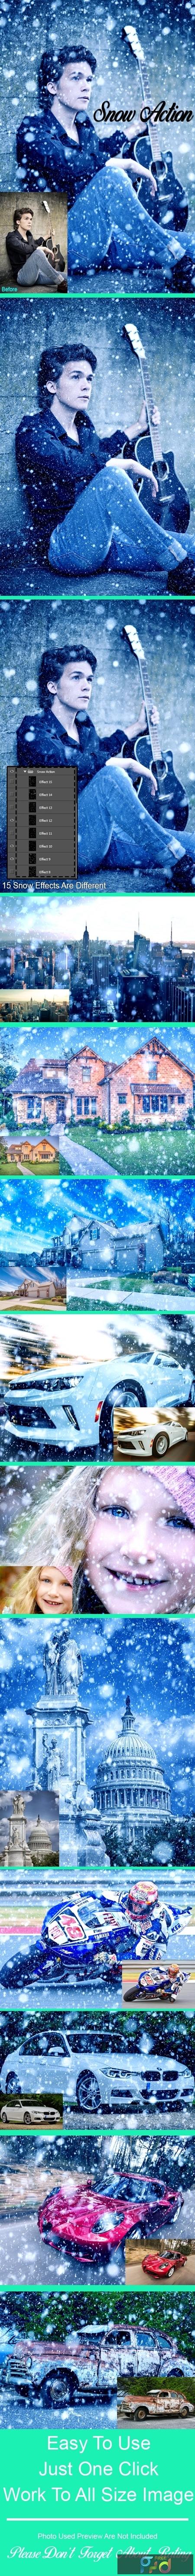 Amazing 15 Snow Photoshop Action Vol 1 22998824 1